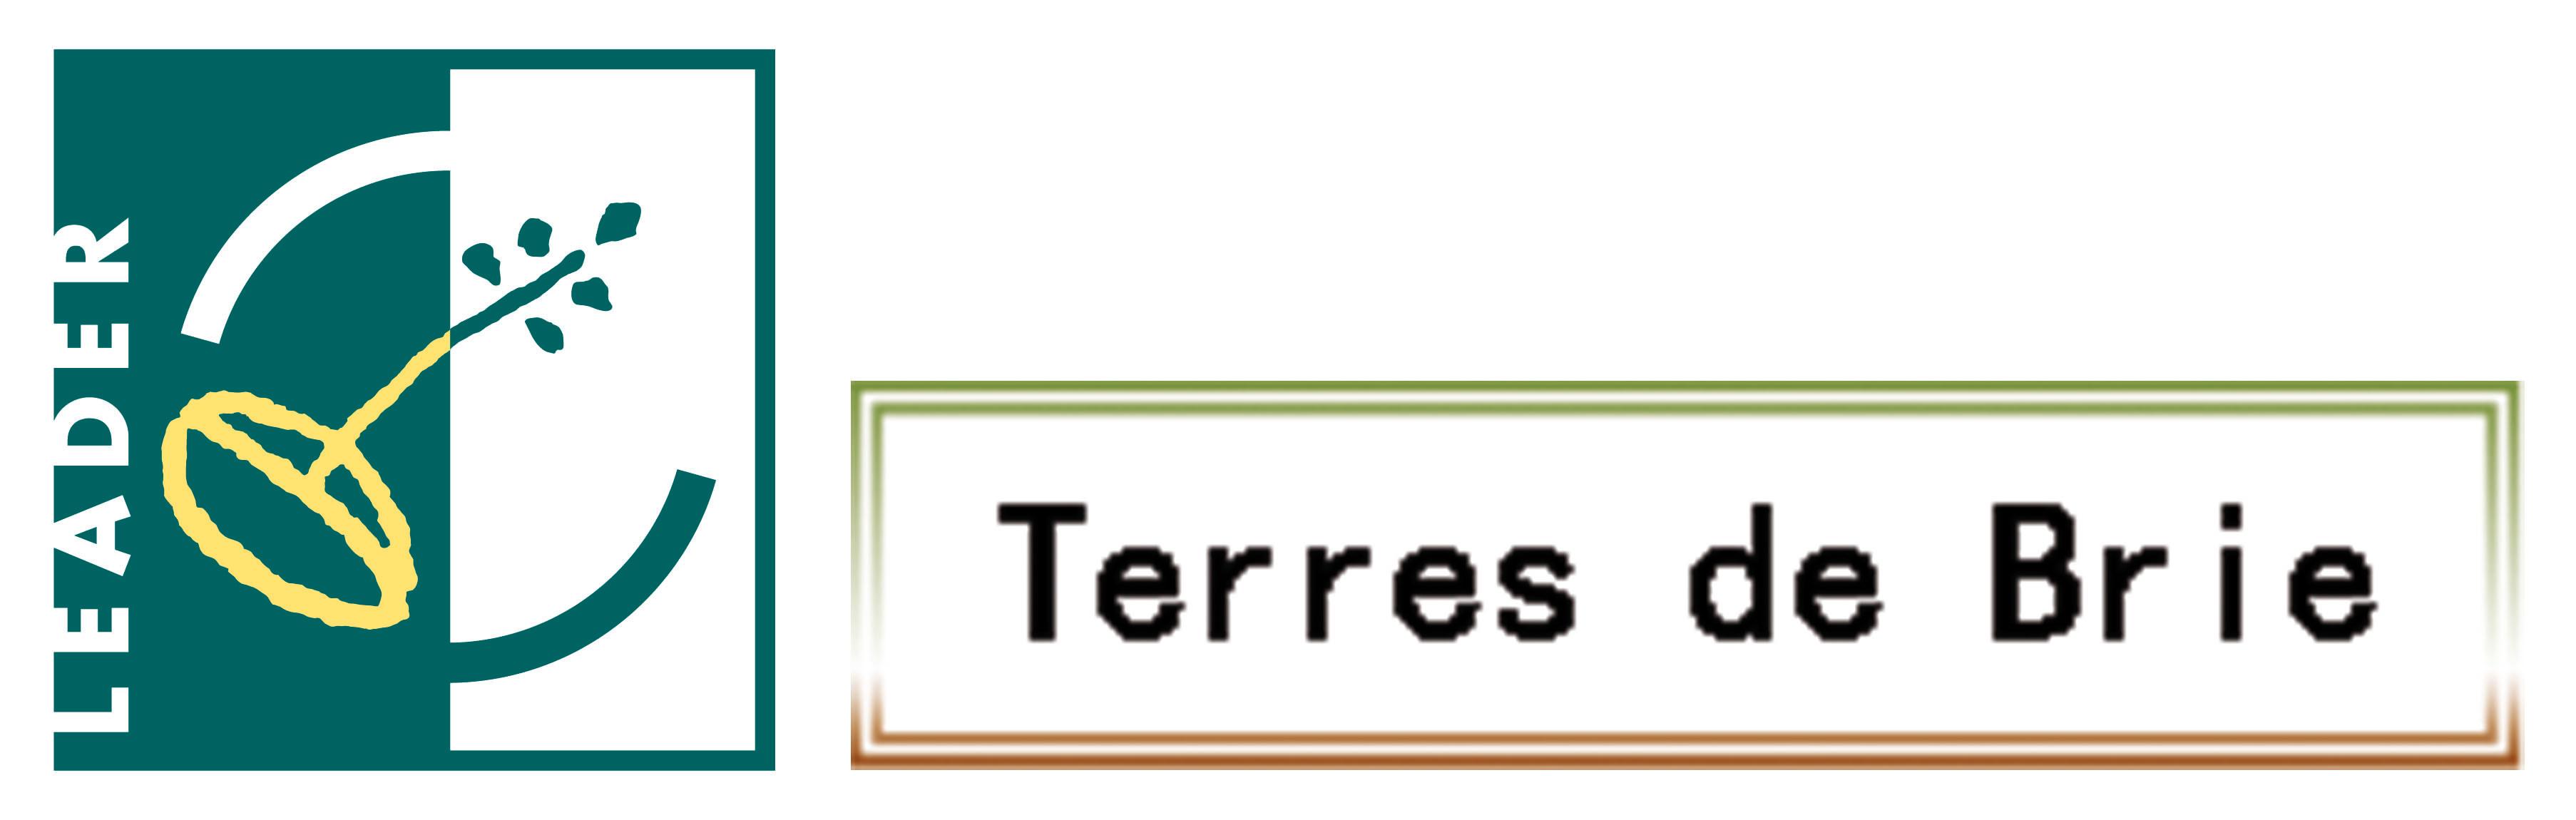 Leader_TerresdeBrie